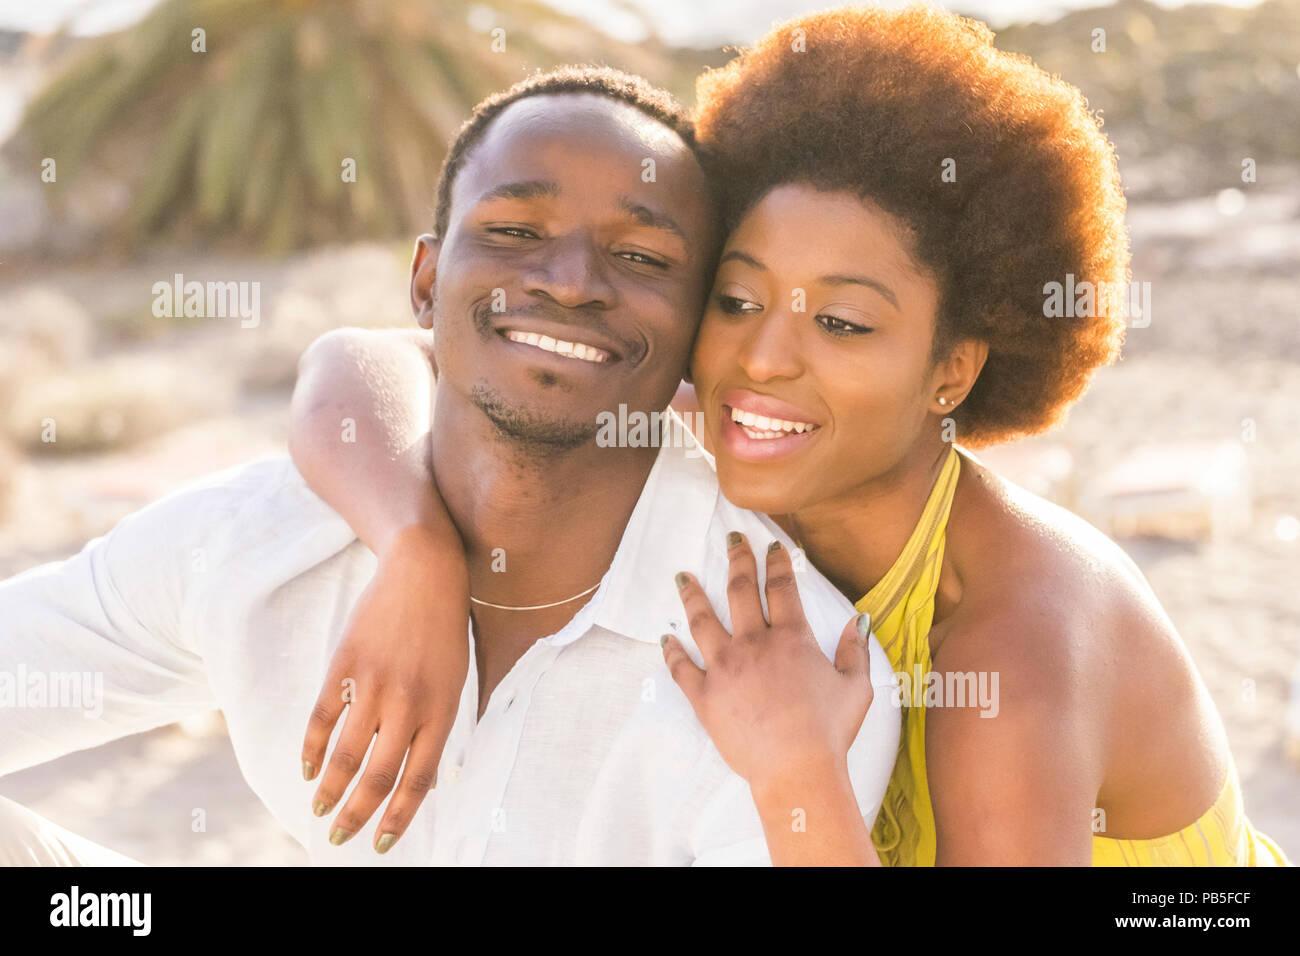 Heureux belle race noire african couple dans l'amour ou l'amitié rester ensemble quelques serra avec de grands smilies sous les rayons du soleil de l'été à vaca Photo Stock